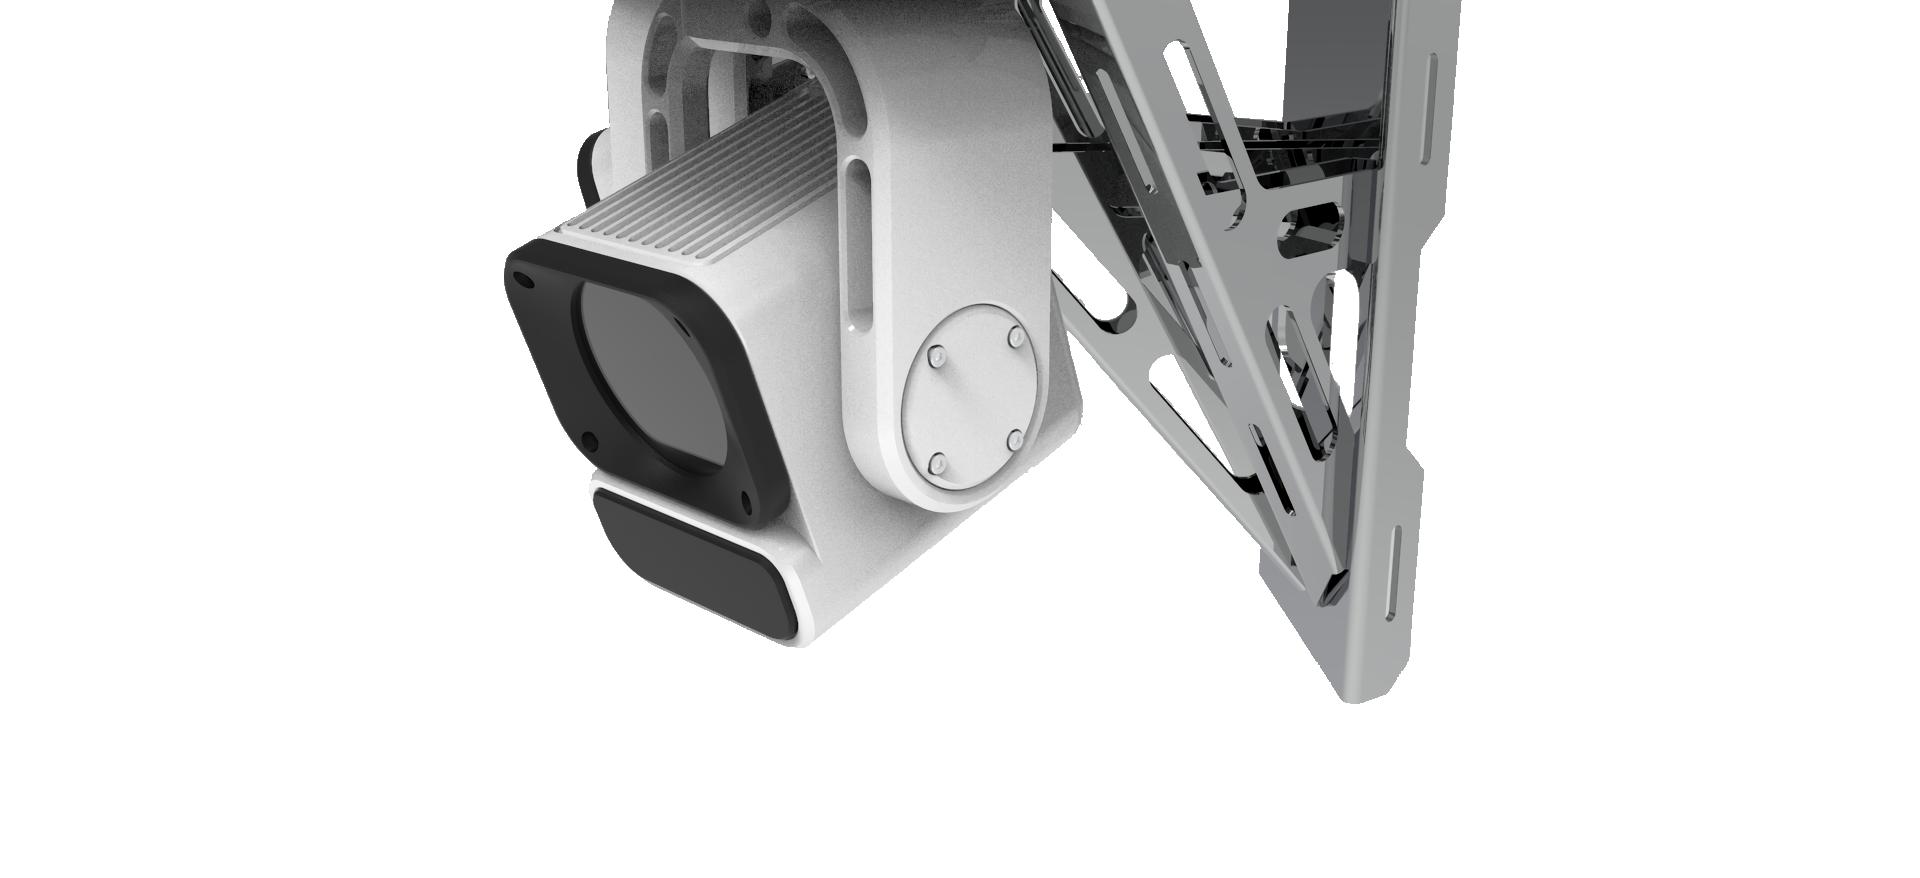 AVISS sensor module side view